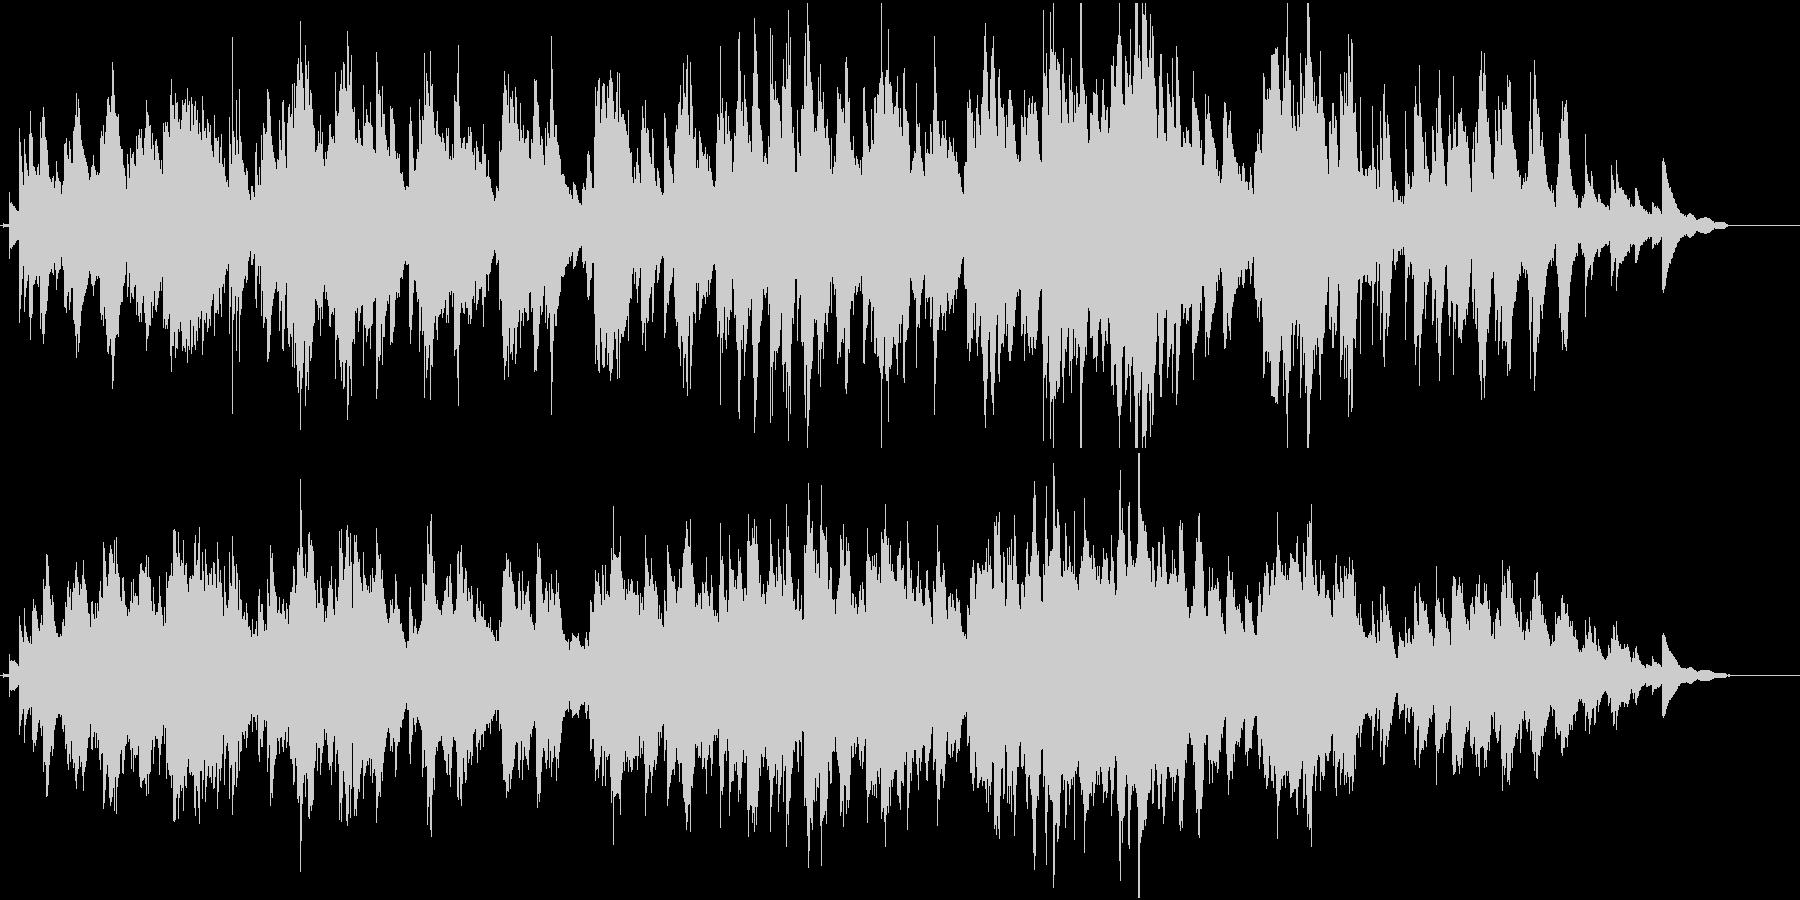 廃墟をイメージしたピアノ曲の未再生の波形